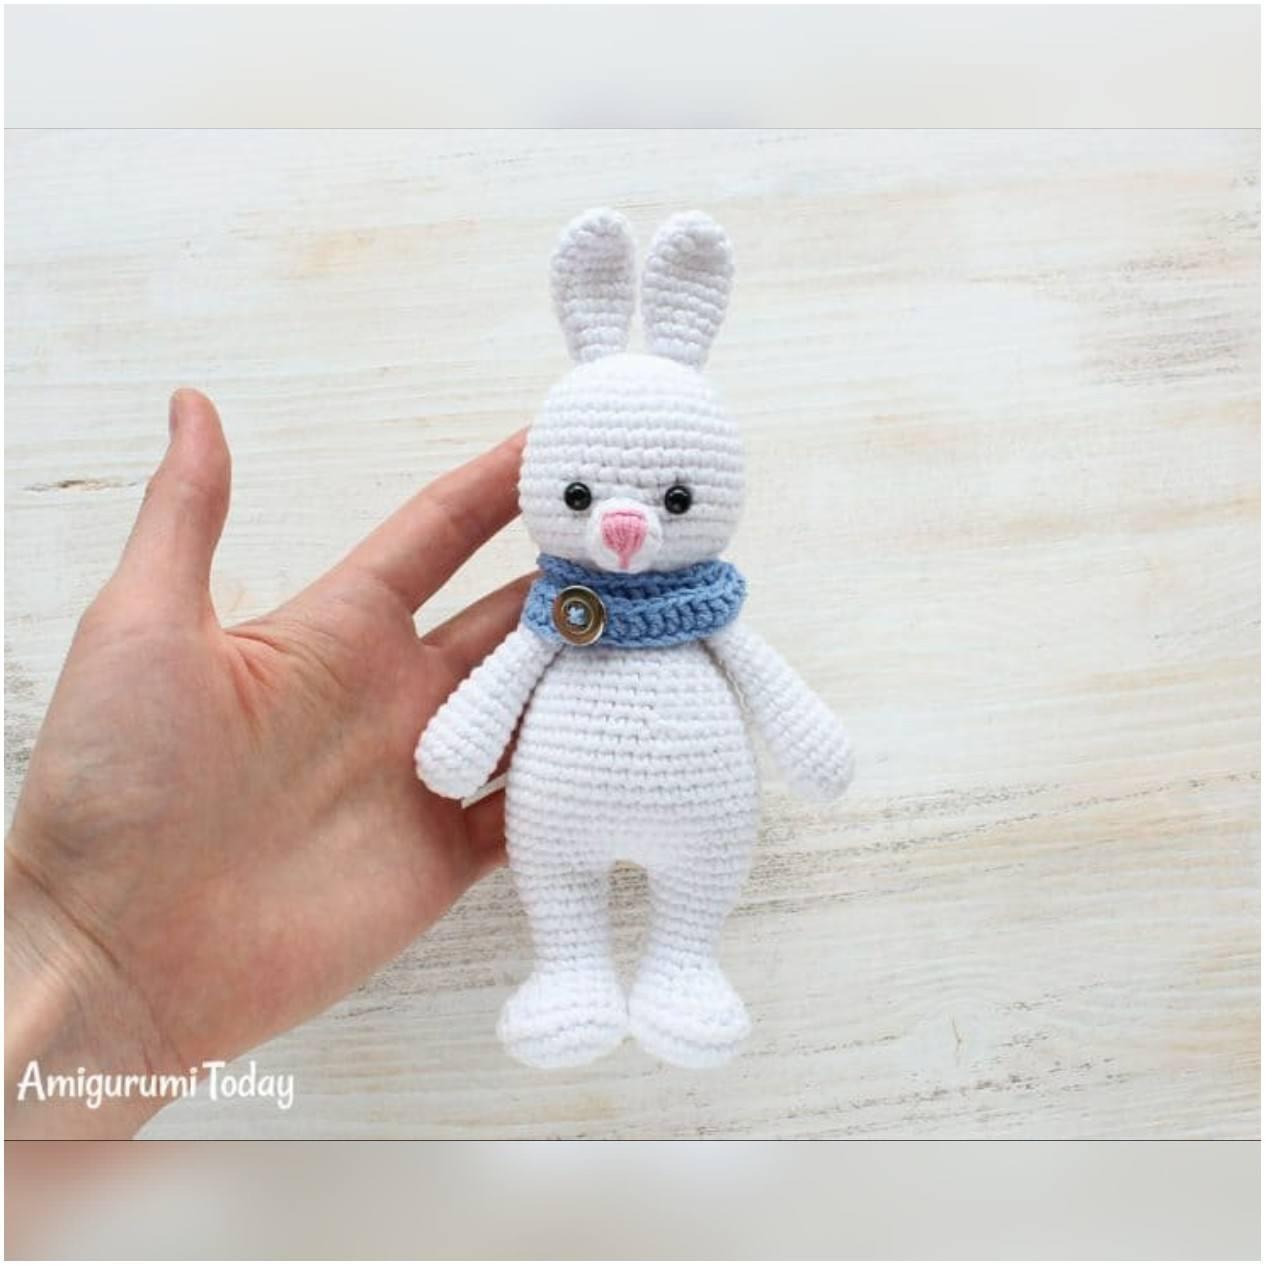 Free Lolita Doll amigurumi pattern - Amigurumi Today | 1265x1265